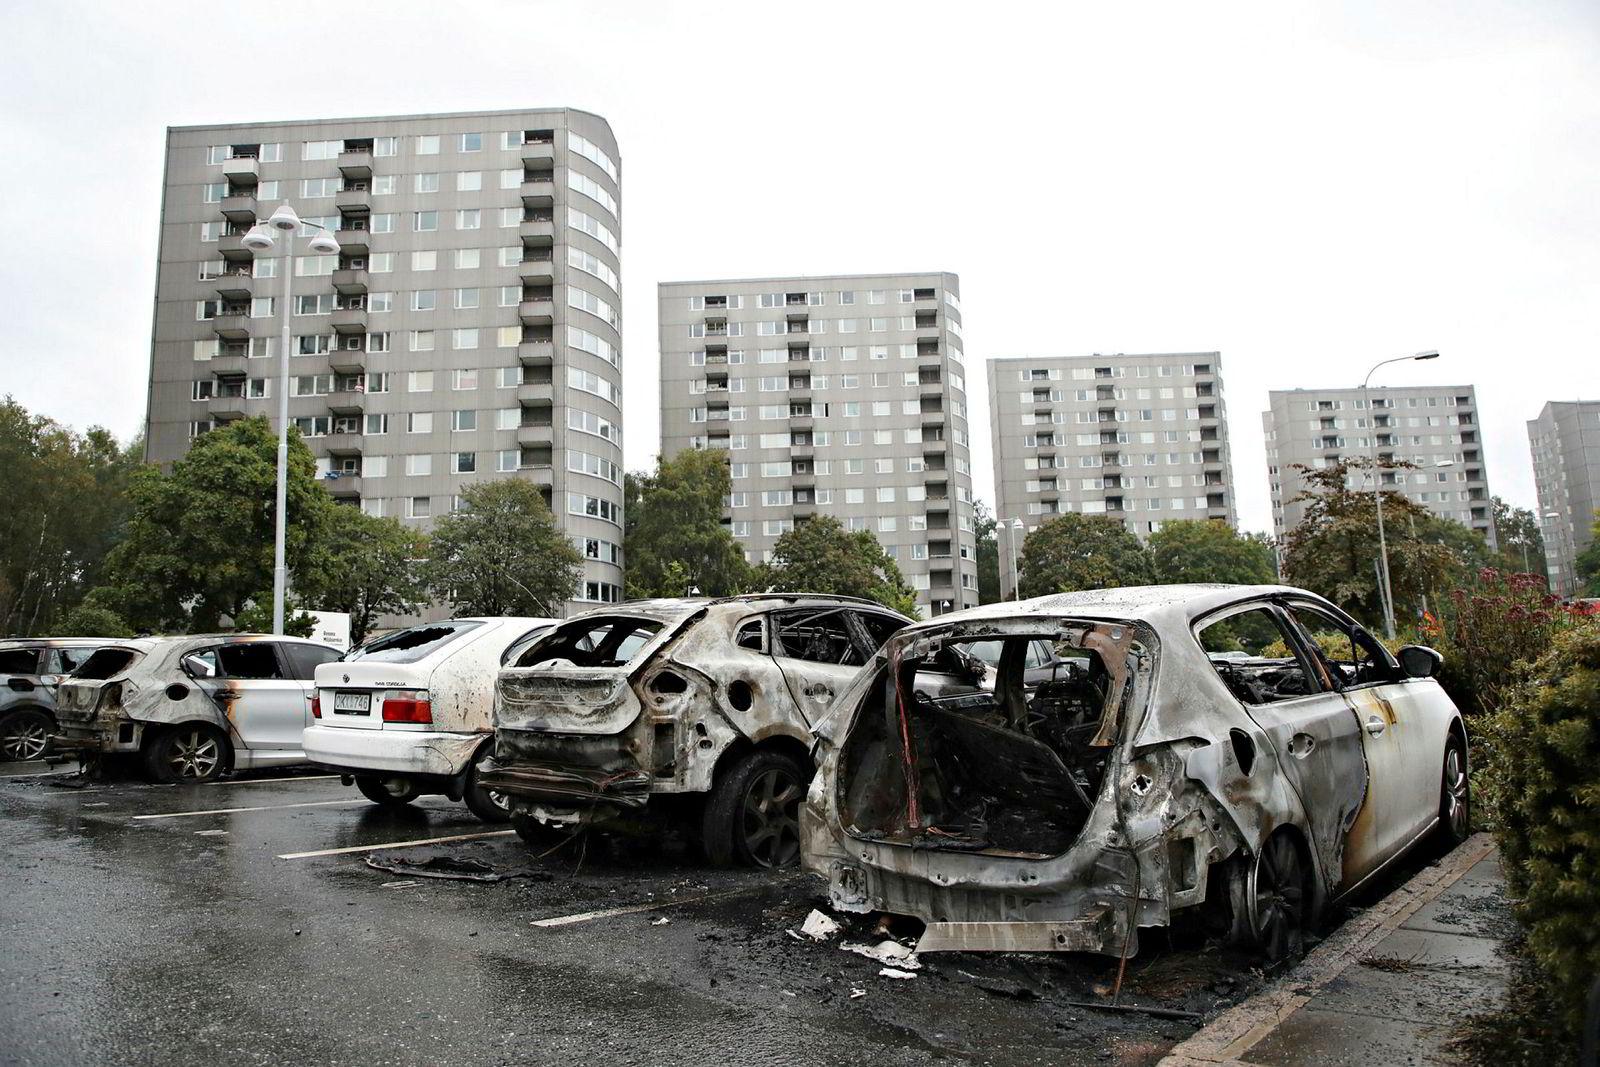 Dagen etter at nærmere 100 biler ble påtent i ulike deler av Vest-Sverige, ble det onsdag satt fyr på ytterligere fire biler. Her fra Frölunda i Göteborg.